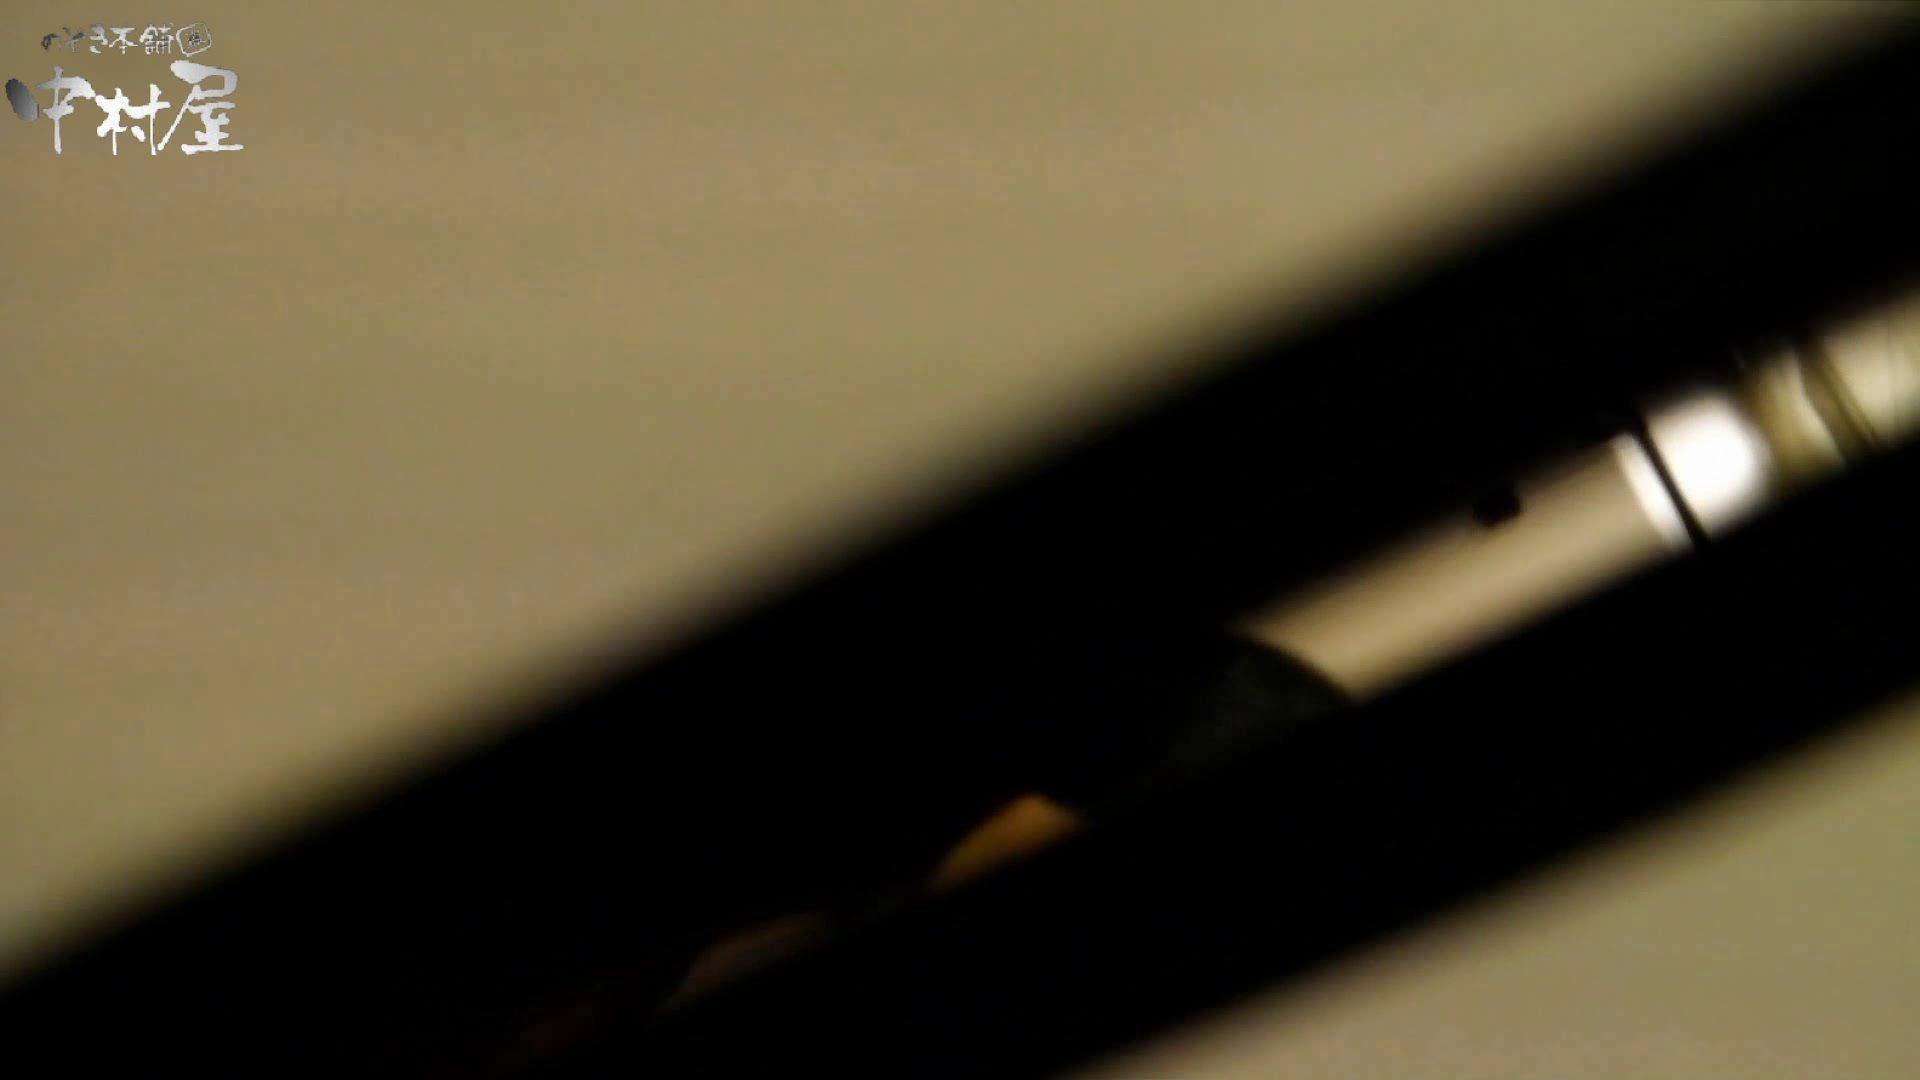 新世界の射窓 No72 モデル級なら個室から飛び出て追っかけます 0 | 0  56連発 45